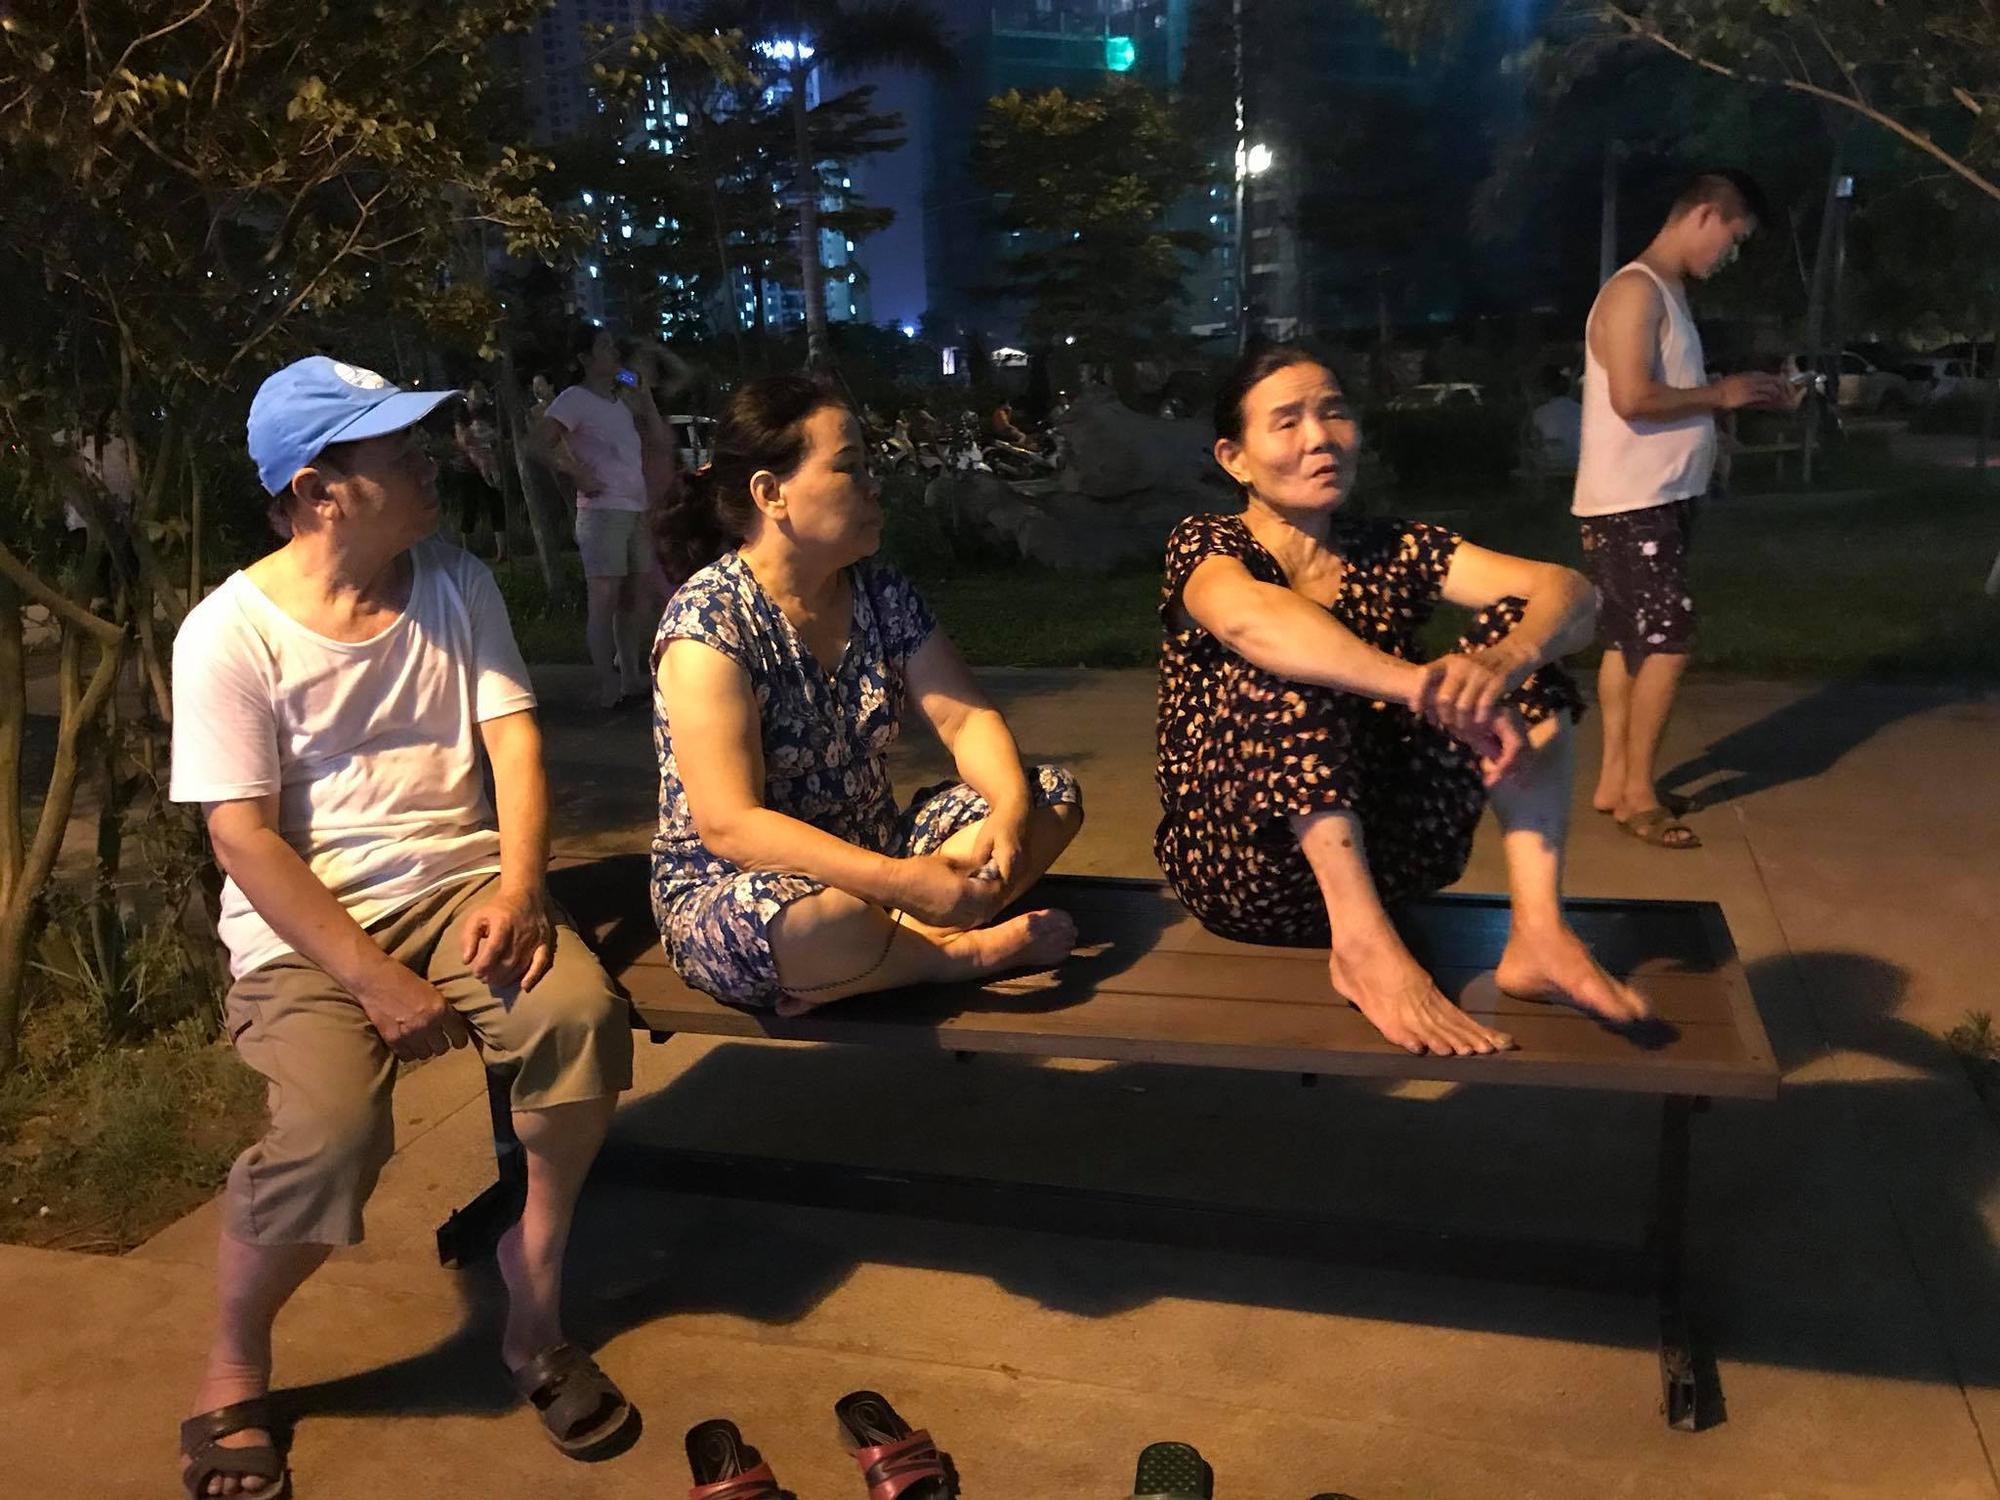 Hà Nội: Cháy căn hộ chung cư vắng chủ, lính cứu hỏa phá cửa - Ảnh 4.